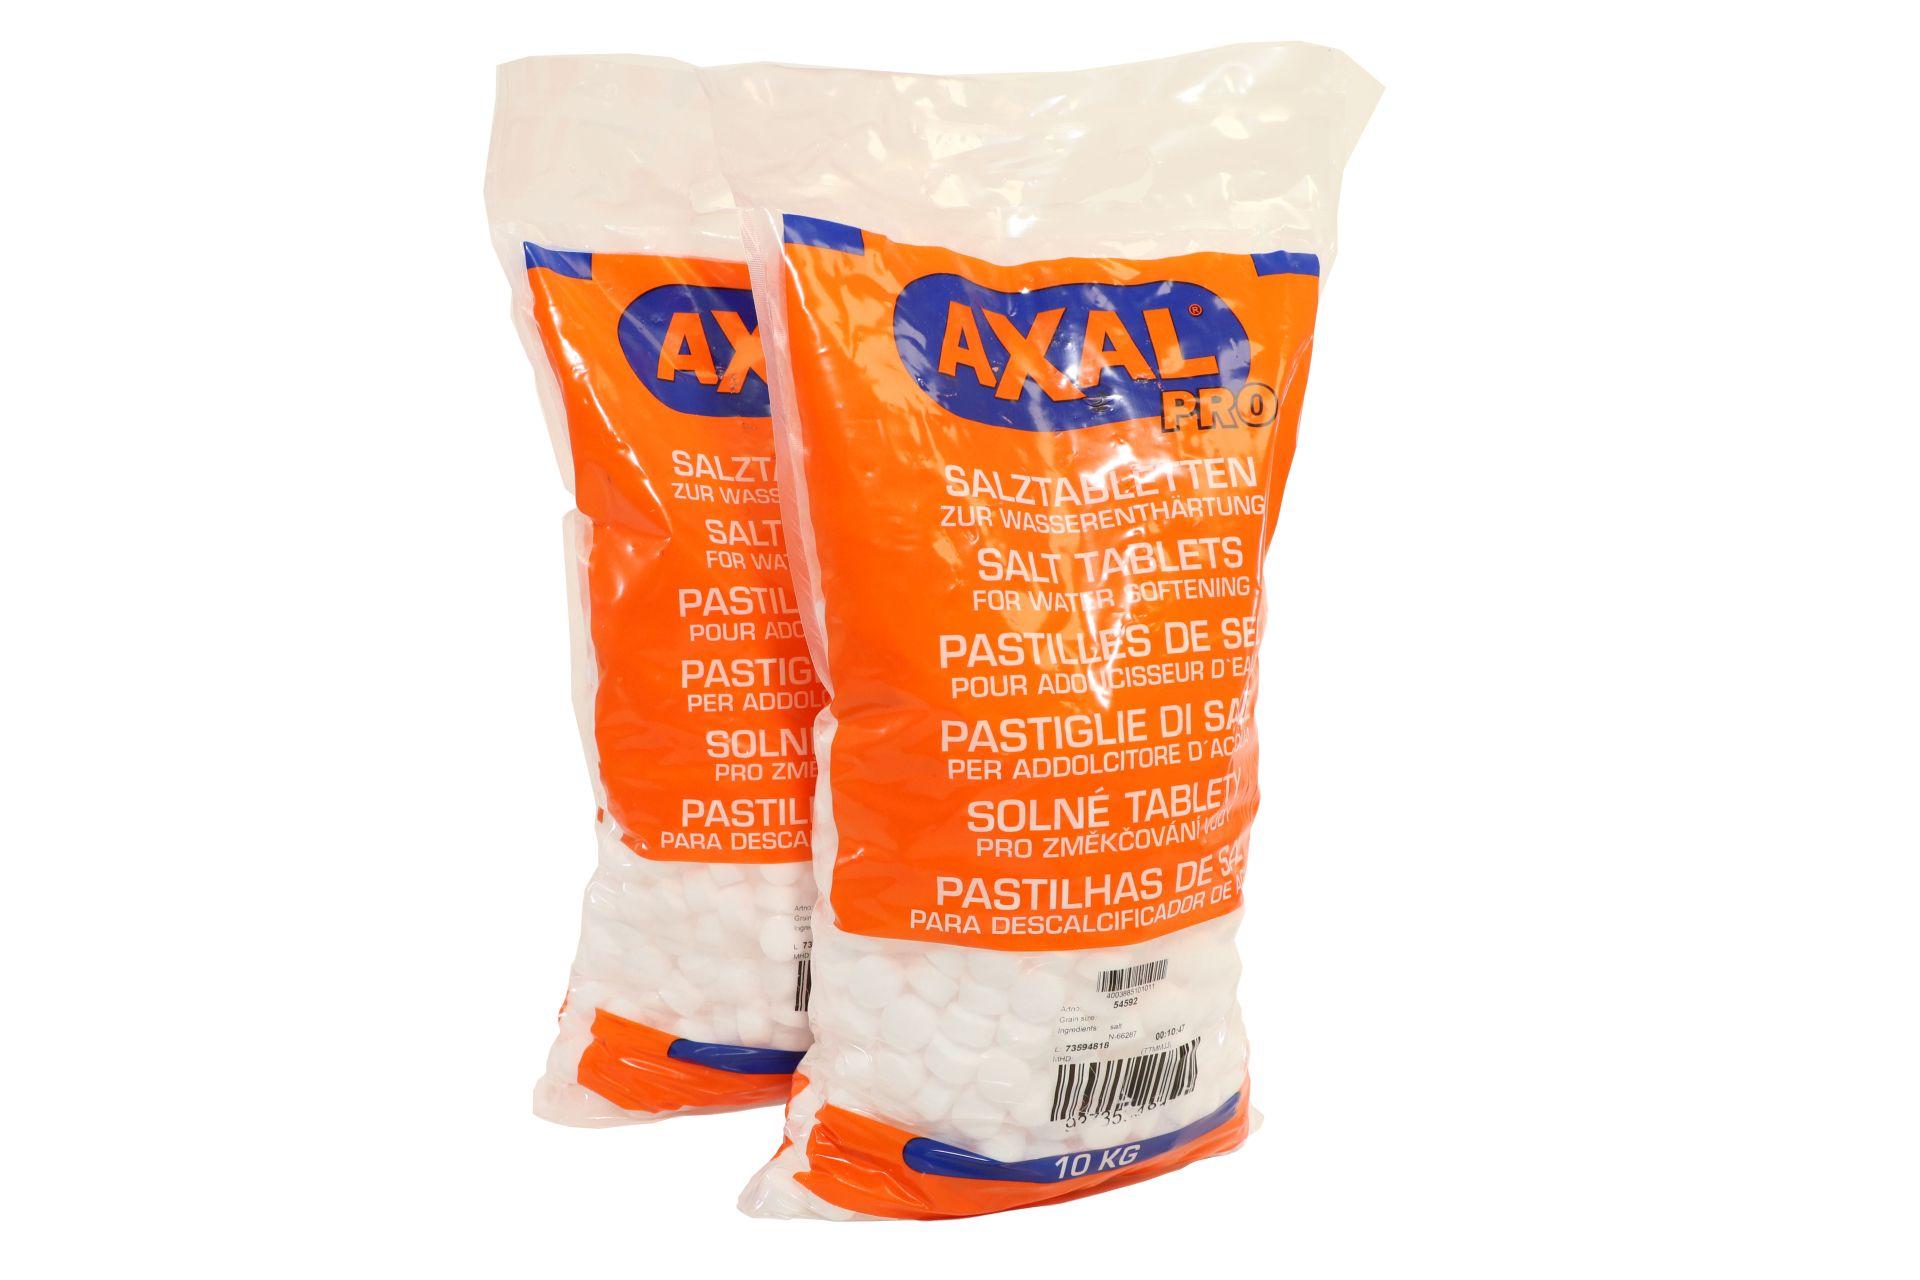 AXAL PRO Regeneriersalz, Salztabletten zur Wasseraufbereitung, 20 kg (2 x 10 kg)